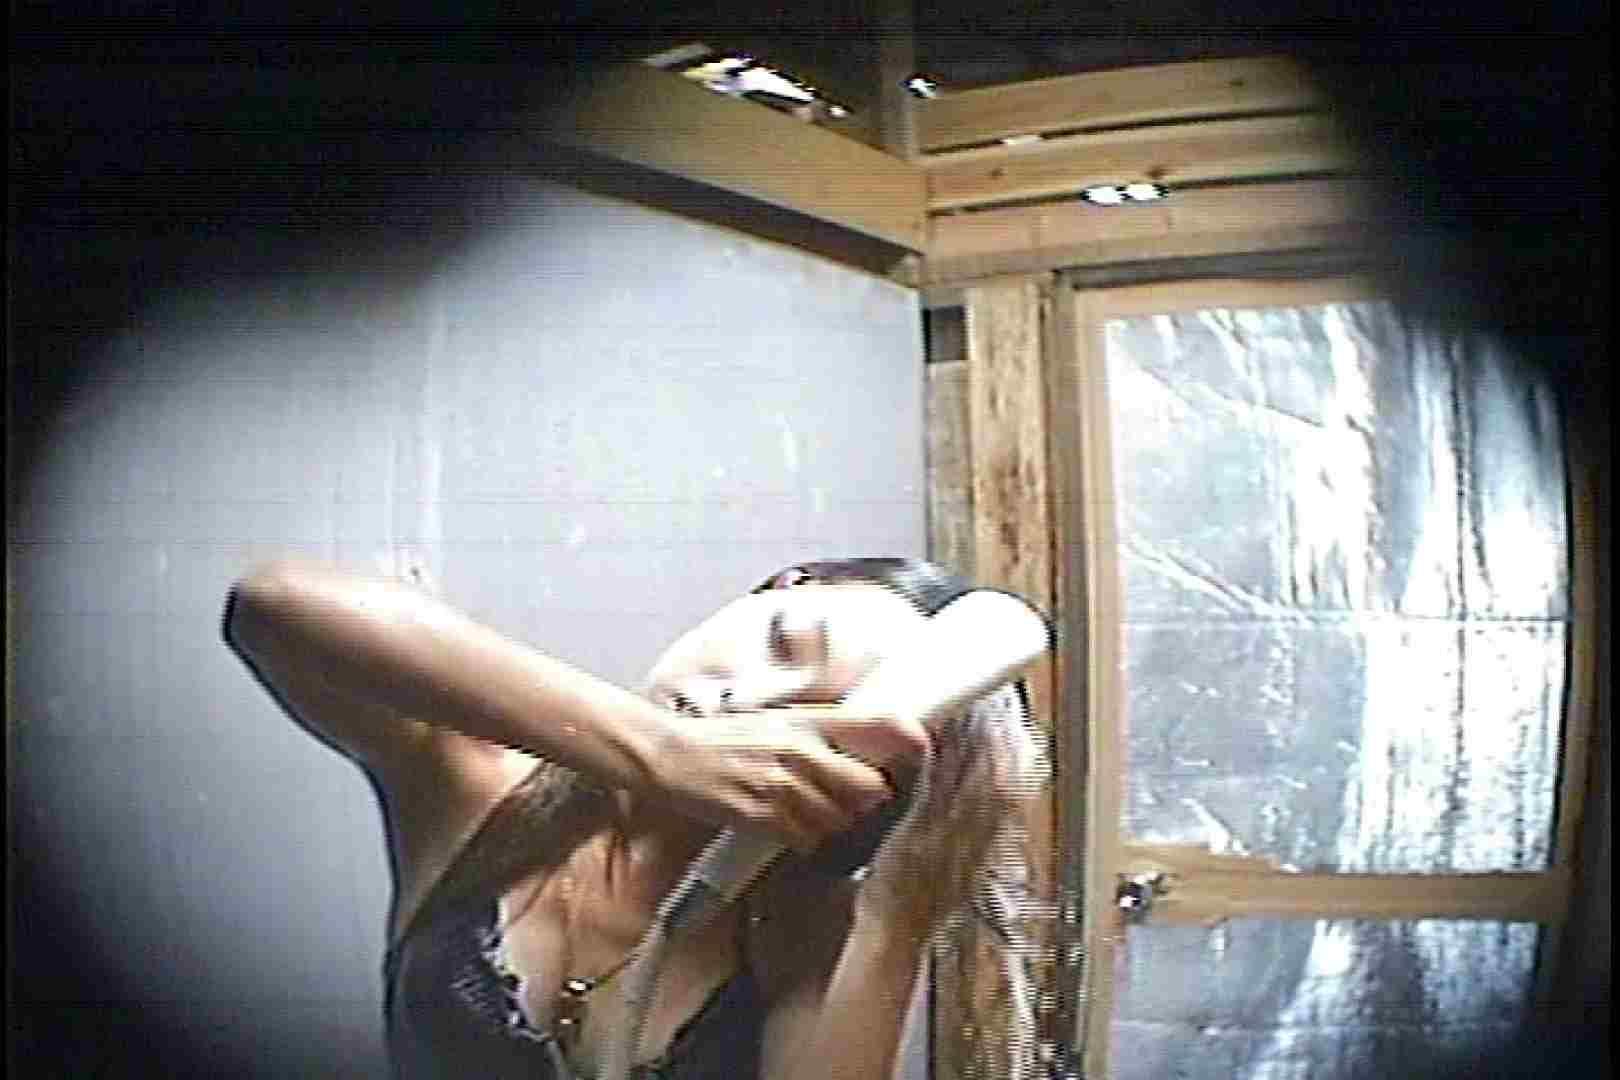 海の家の更衣室 Vol.45 美女 | シャワー  90pic 25